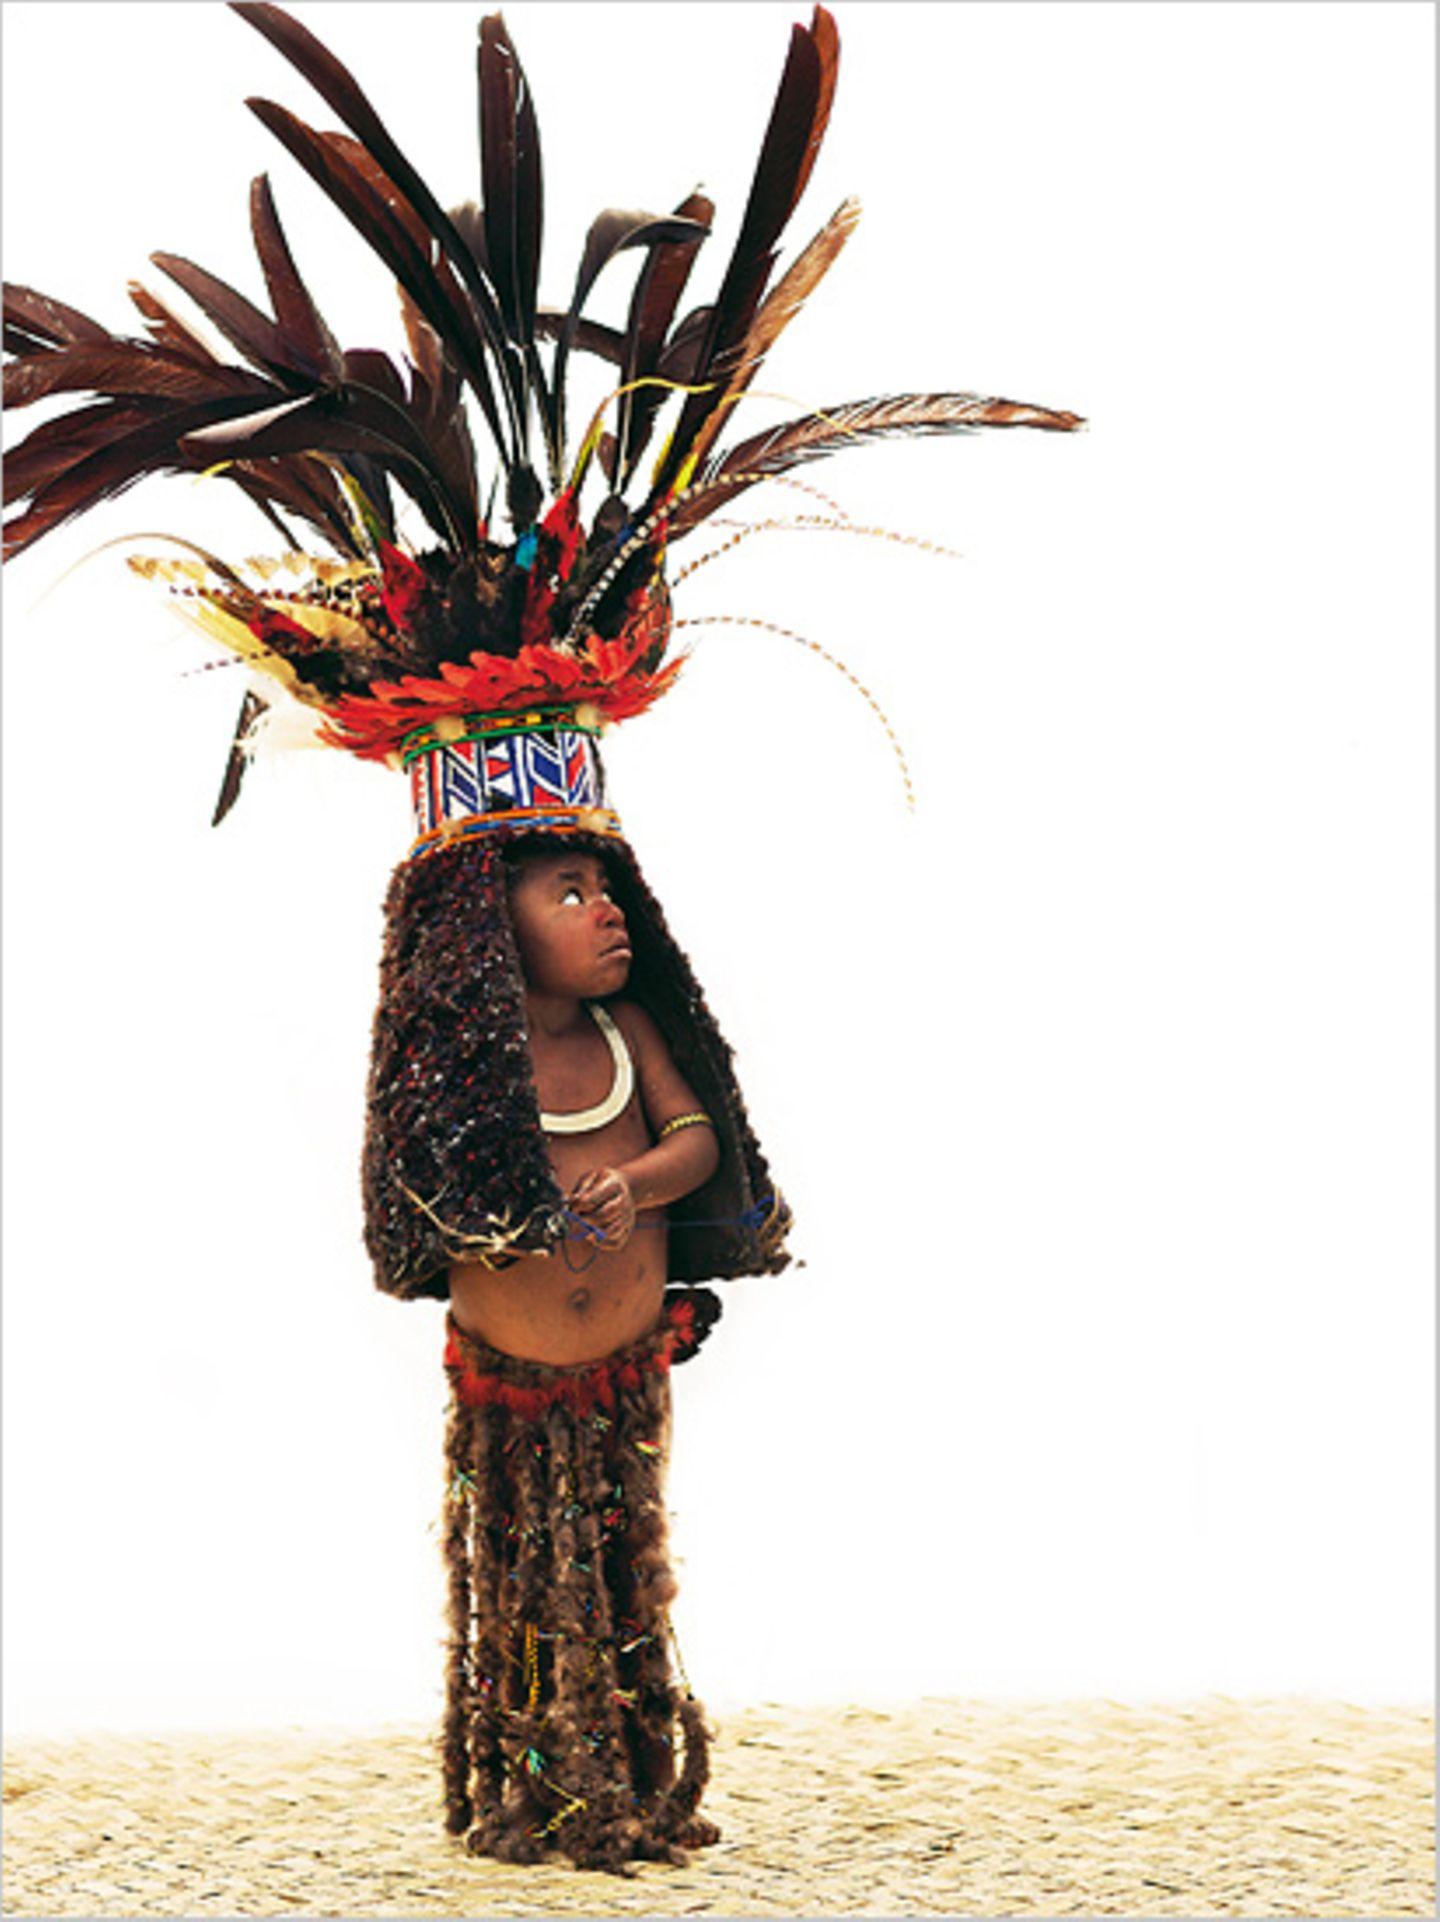 Fotogalerie: Tanzfeste auf Papua-Neuguinea